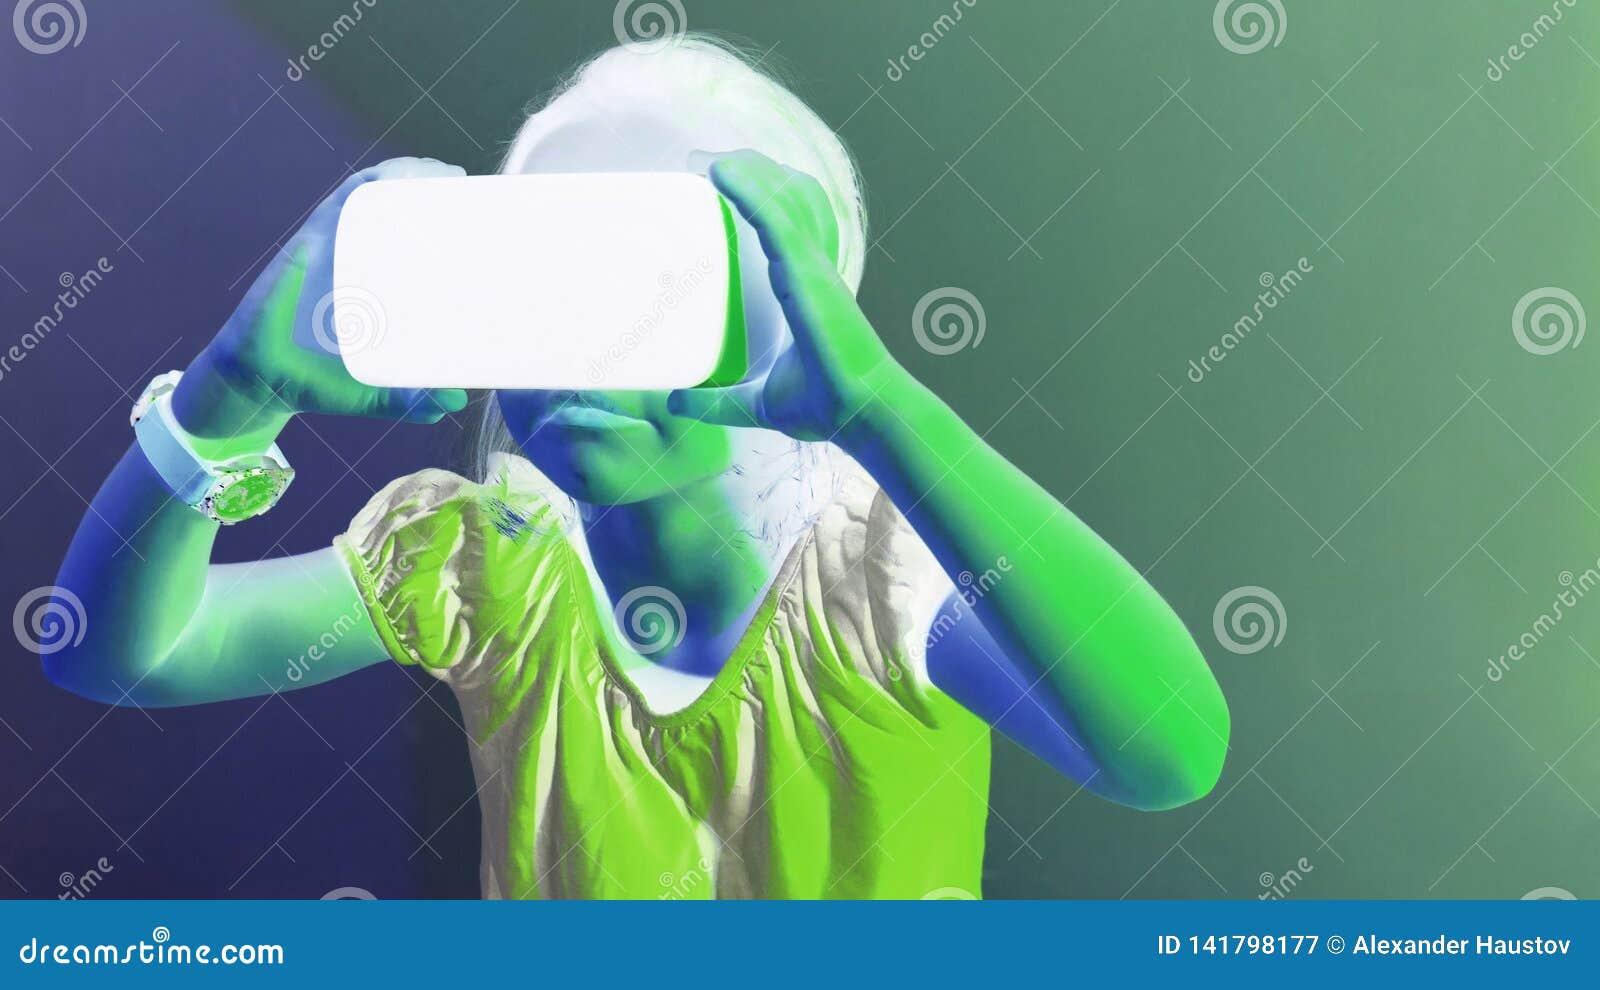 Ragazza che avverte il gioco della cuffia avricolare di VR su fondo variopinto Tecnologia virtuale